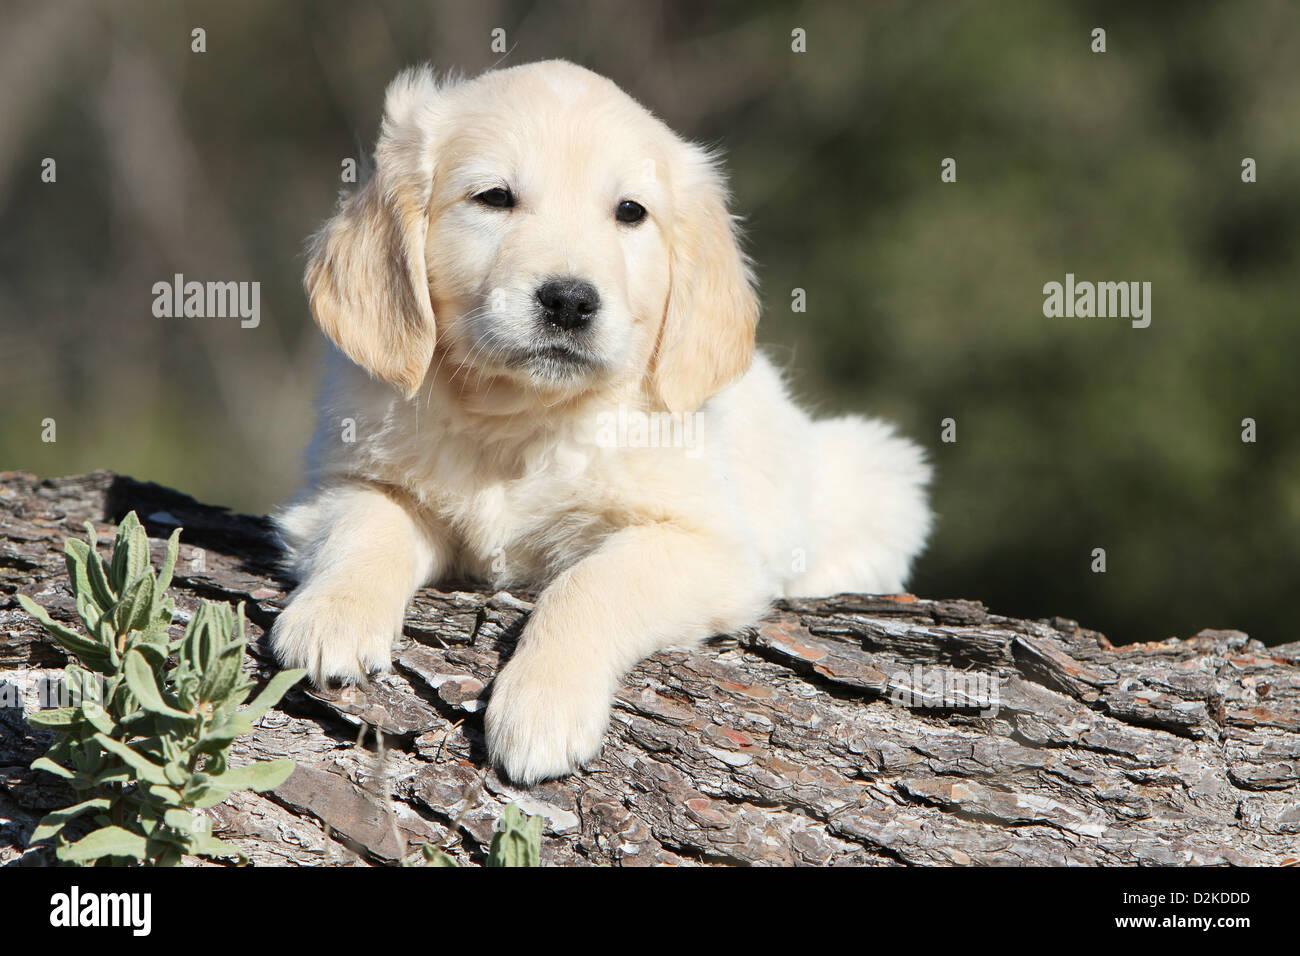 Chien chiot Golden Retriever couché sur un bois Photo Stock